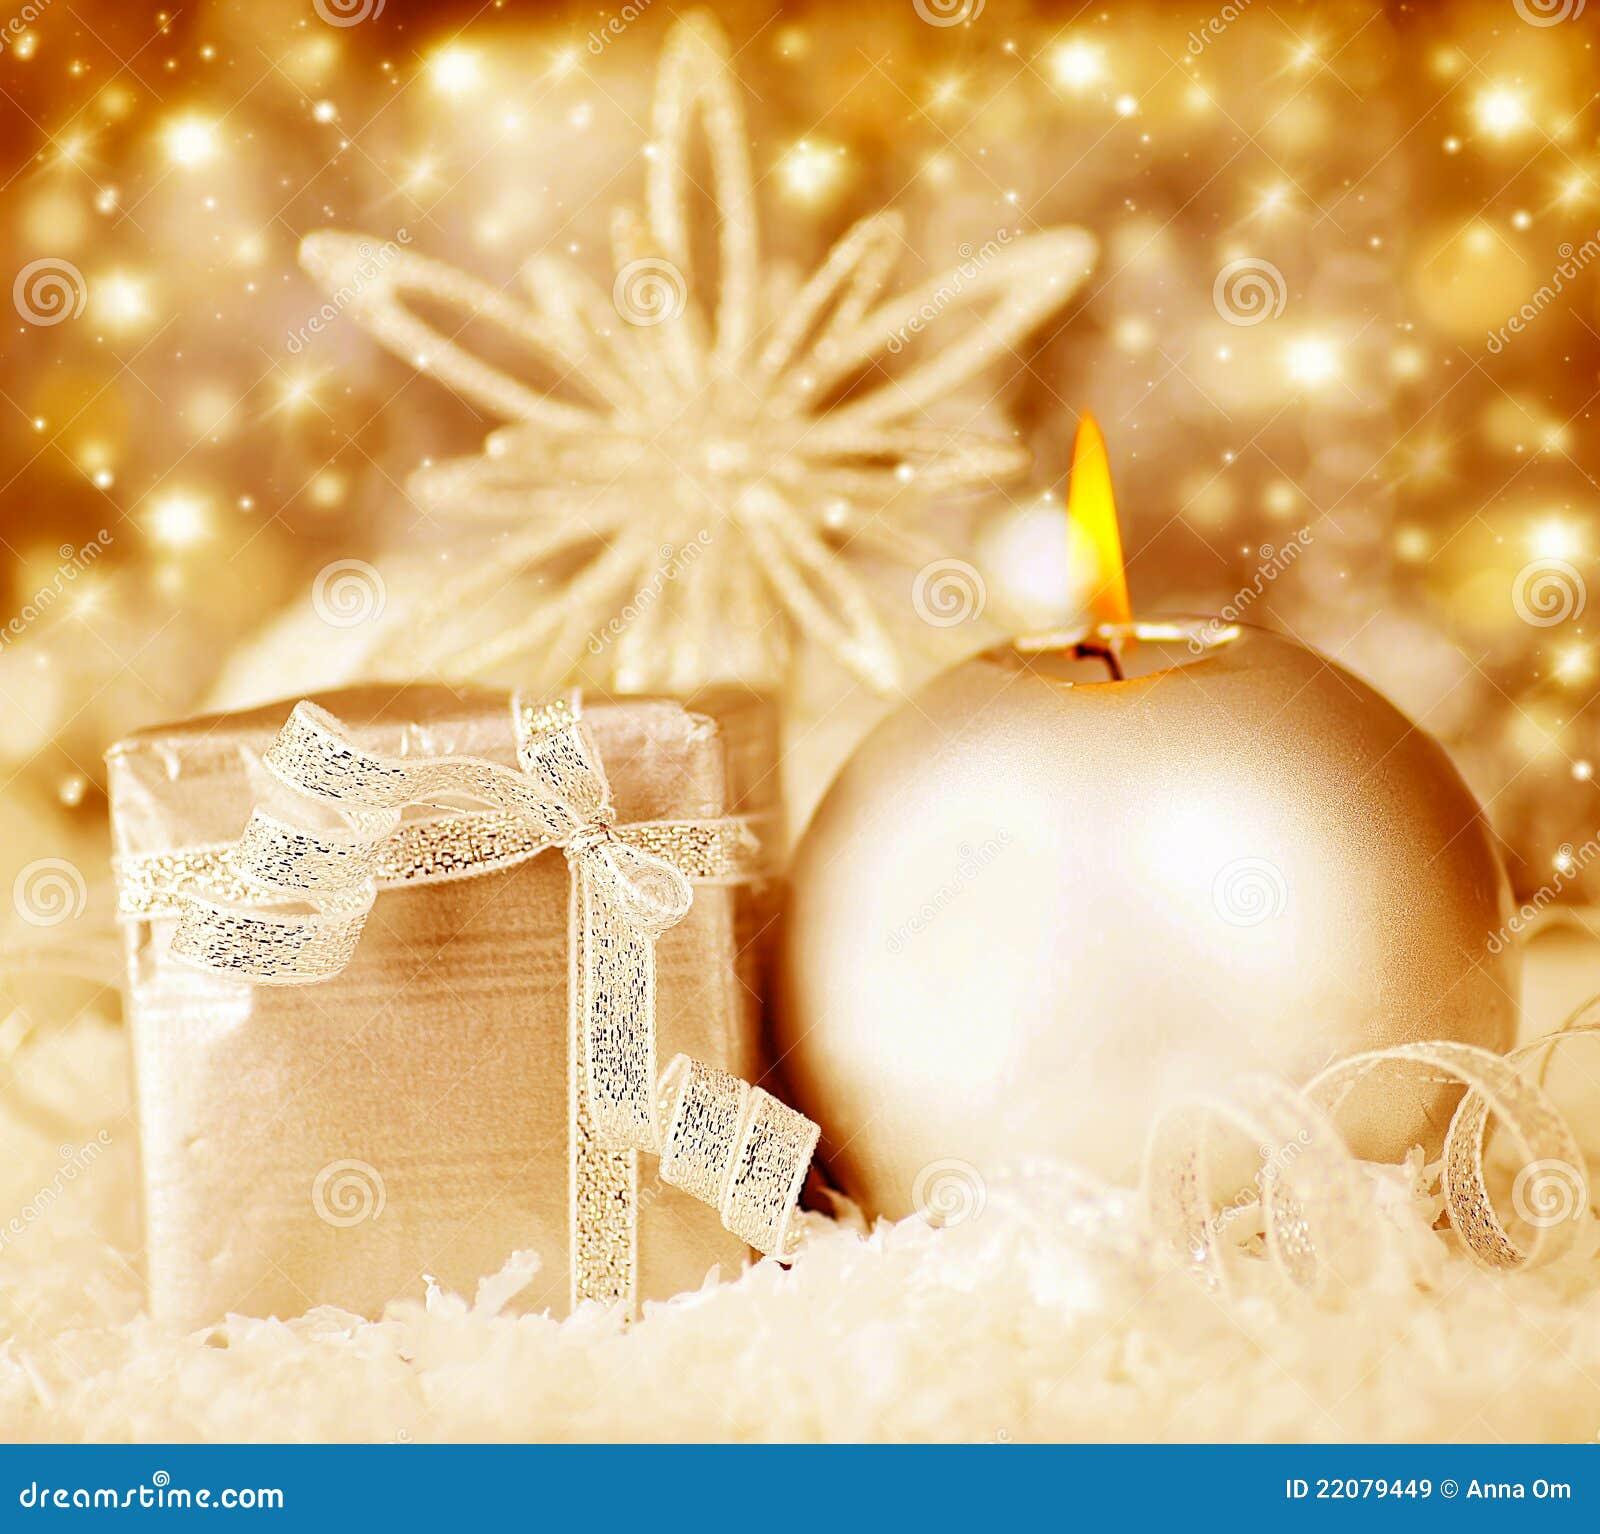 Χρυσή διακόσμηση Χριστουγέννων, ανασκόπηση διακοπών